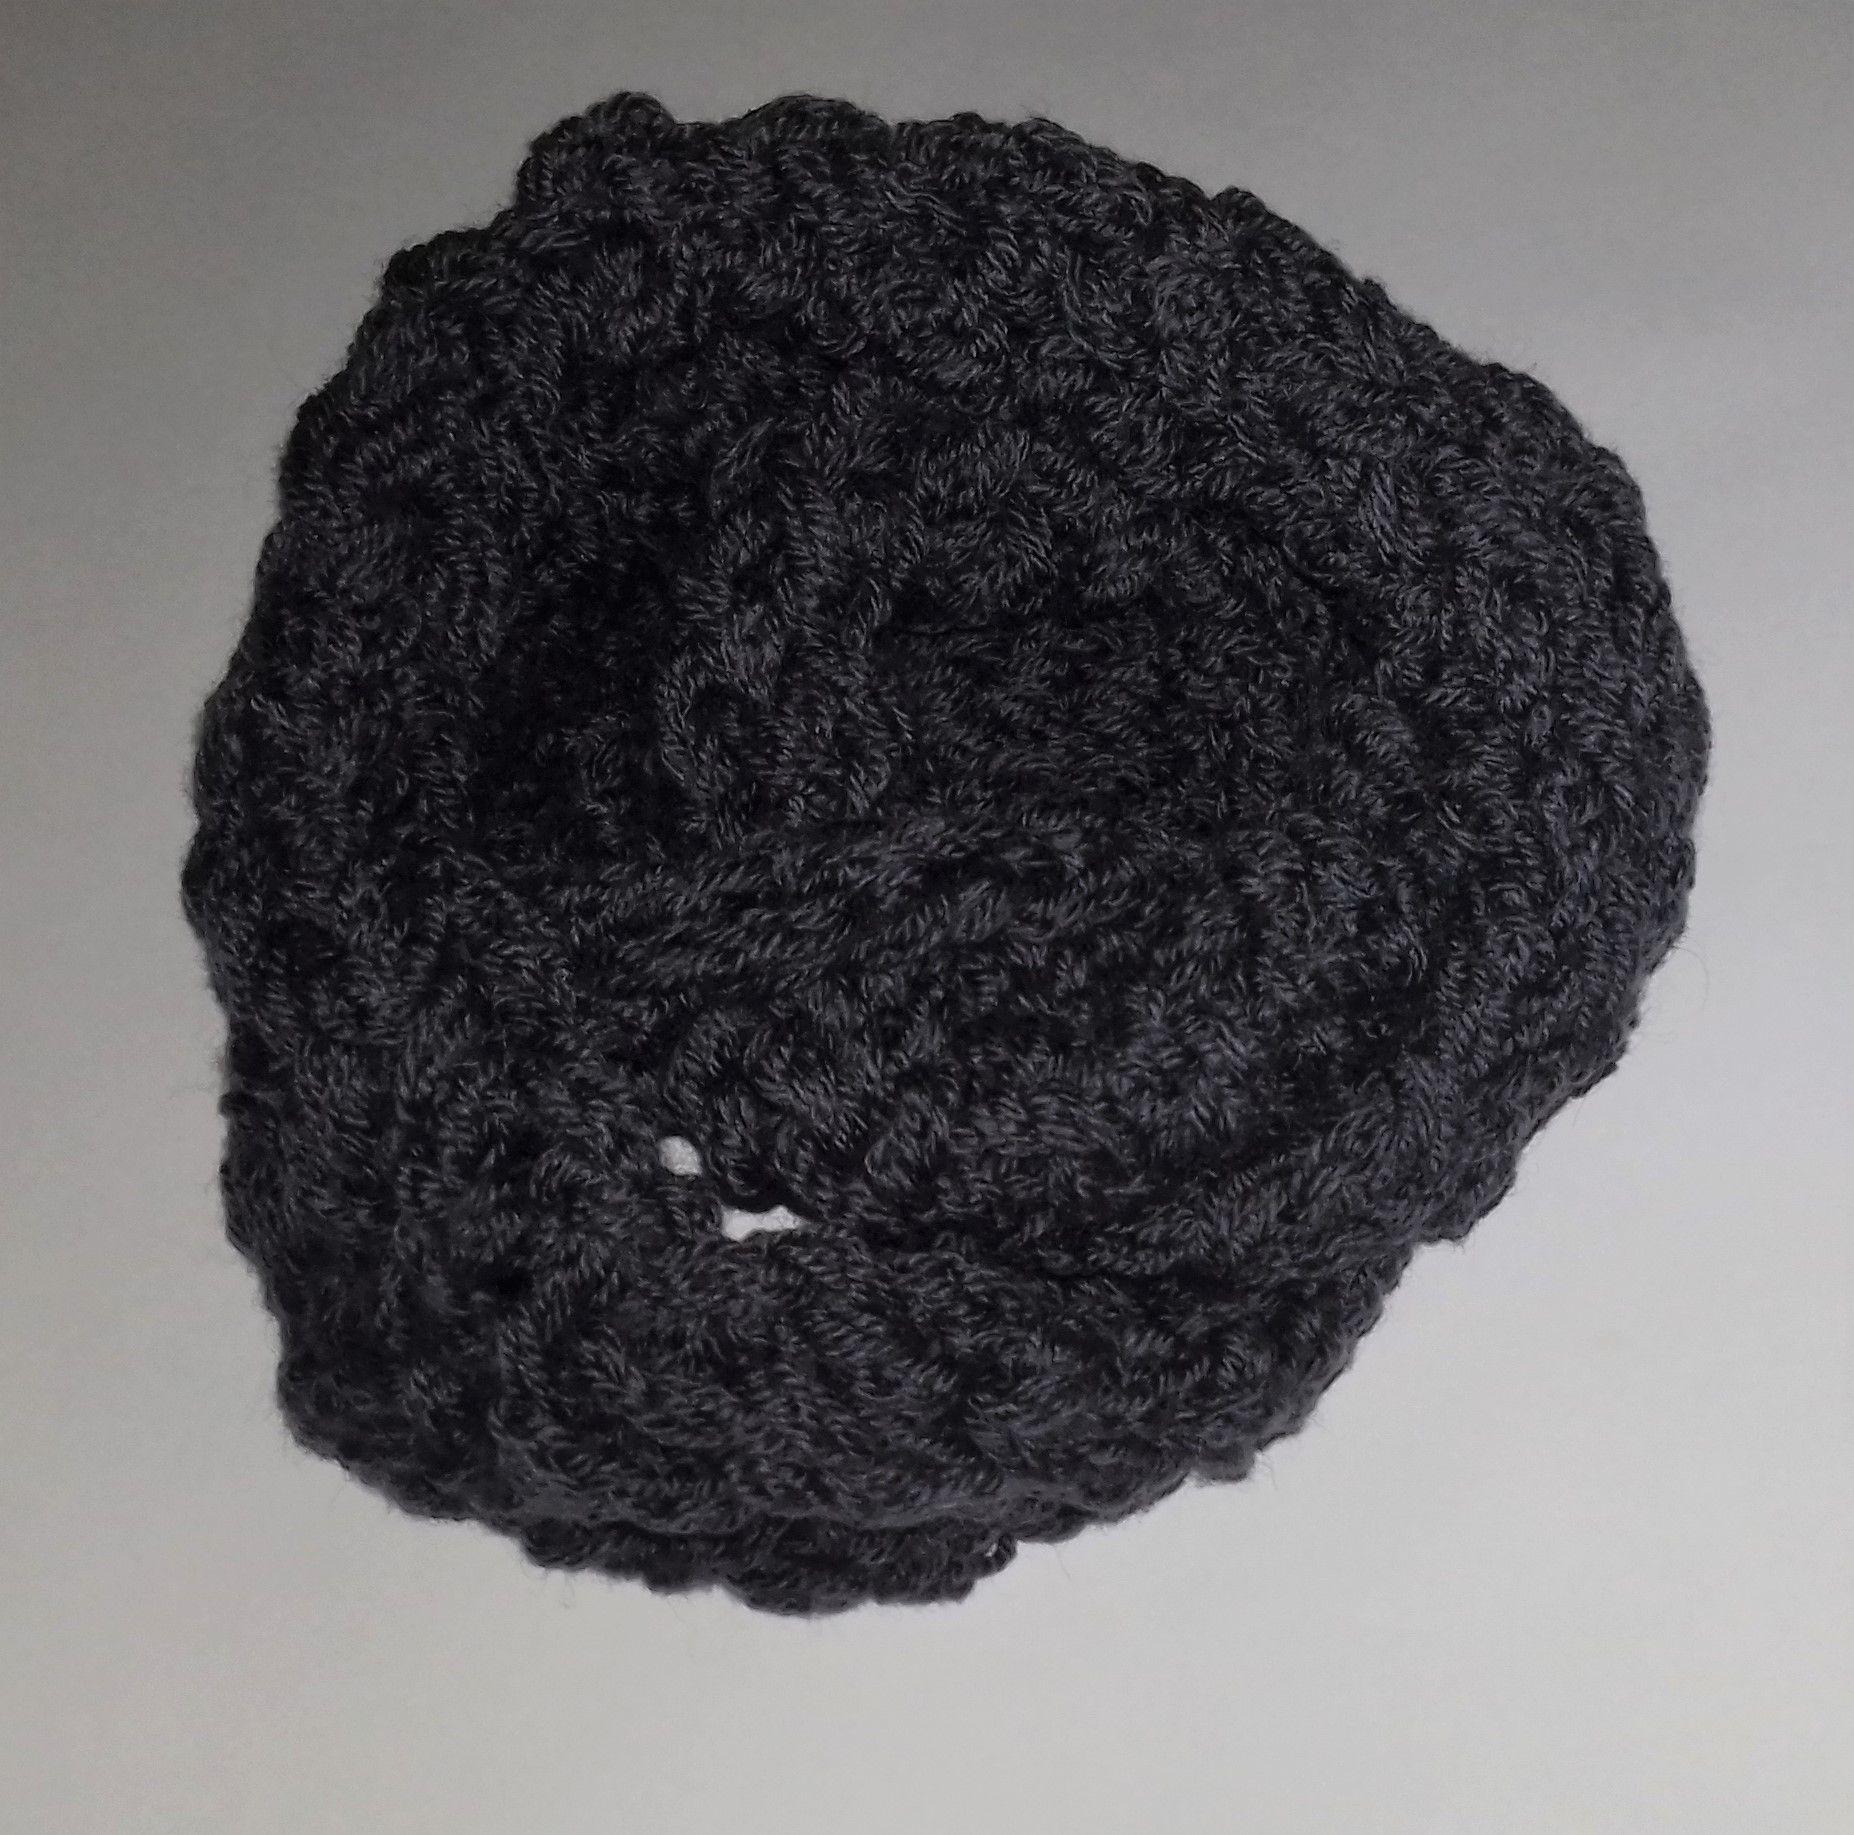 купитьснуд шарф шарфкупить вязание снуд вязаныйснуд